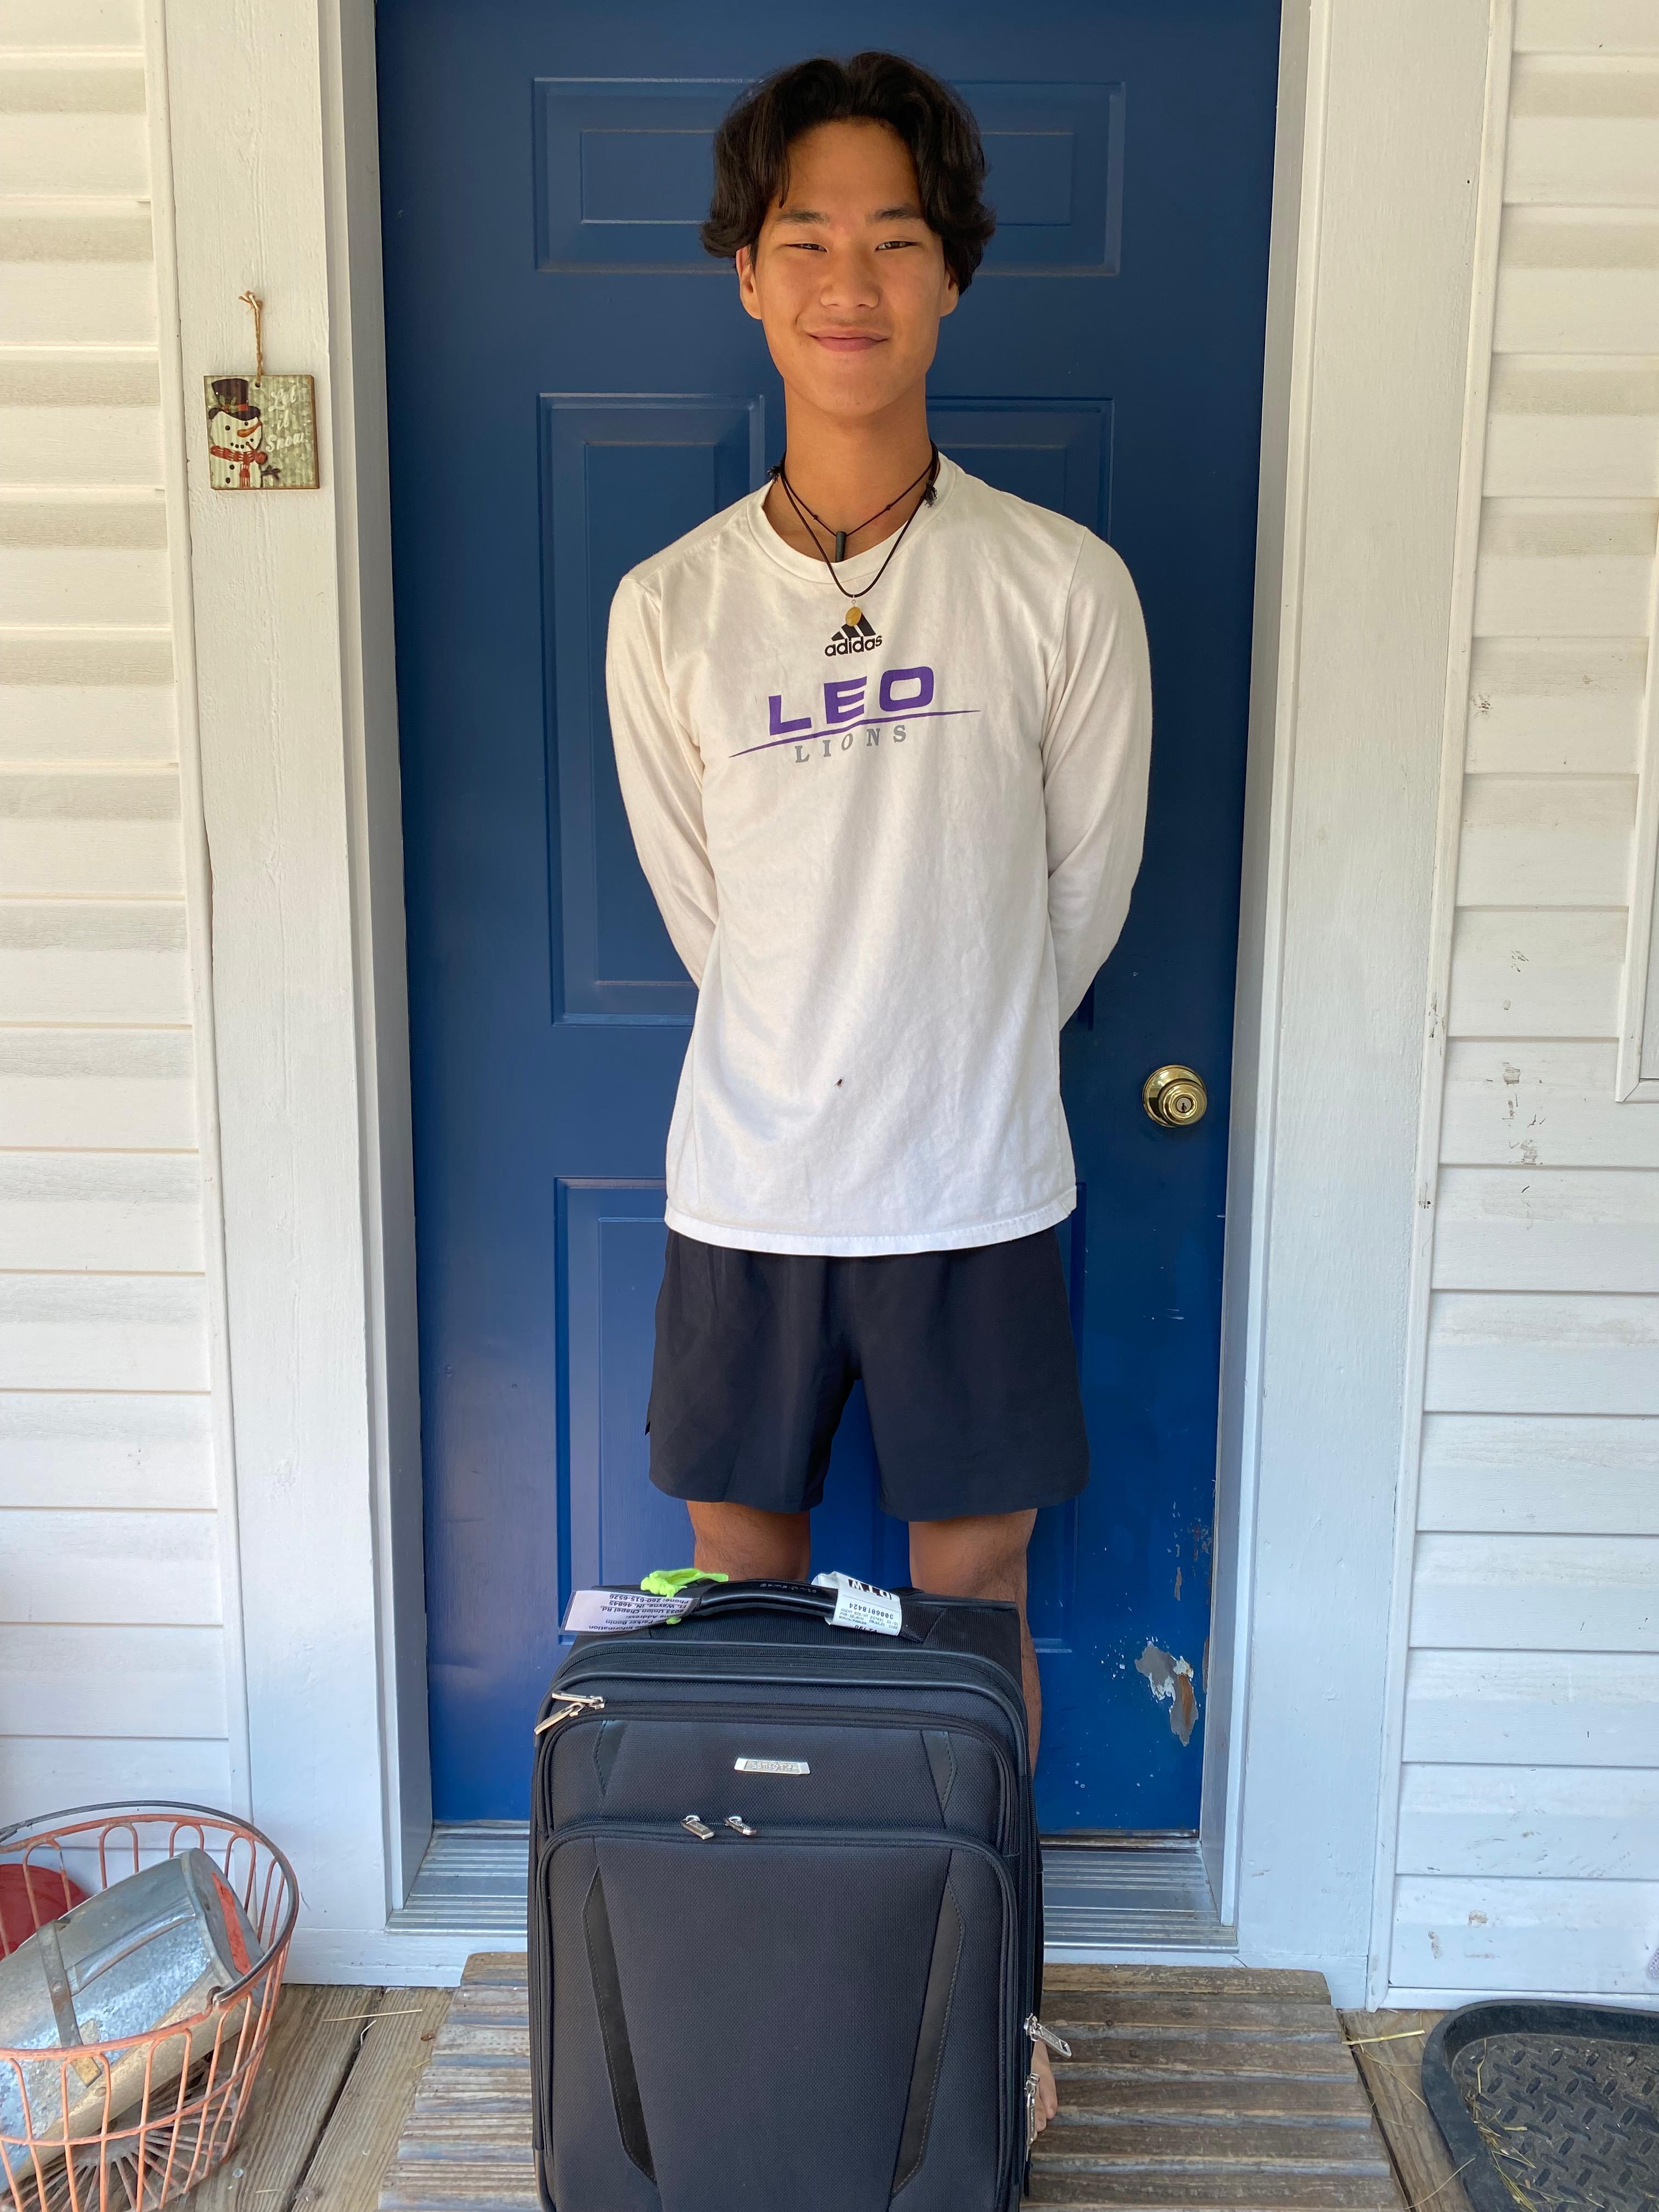 teenage boy with suitcase standing in front of door